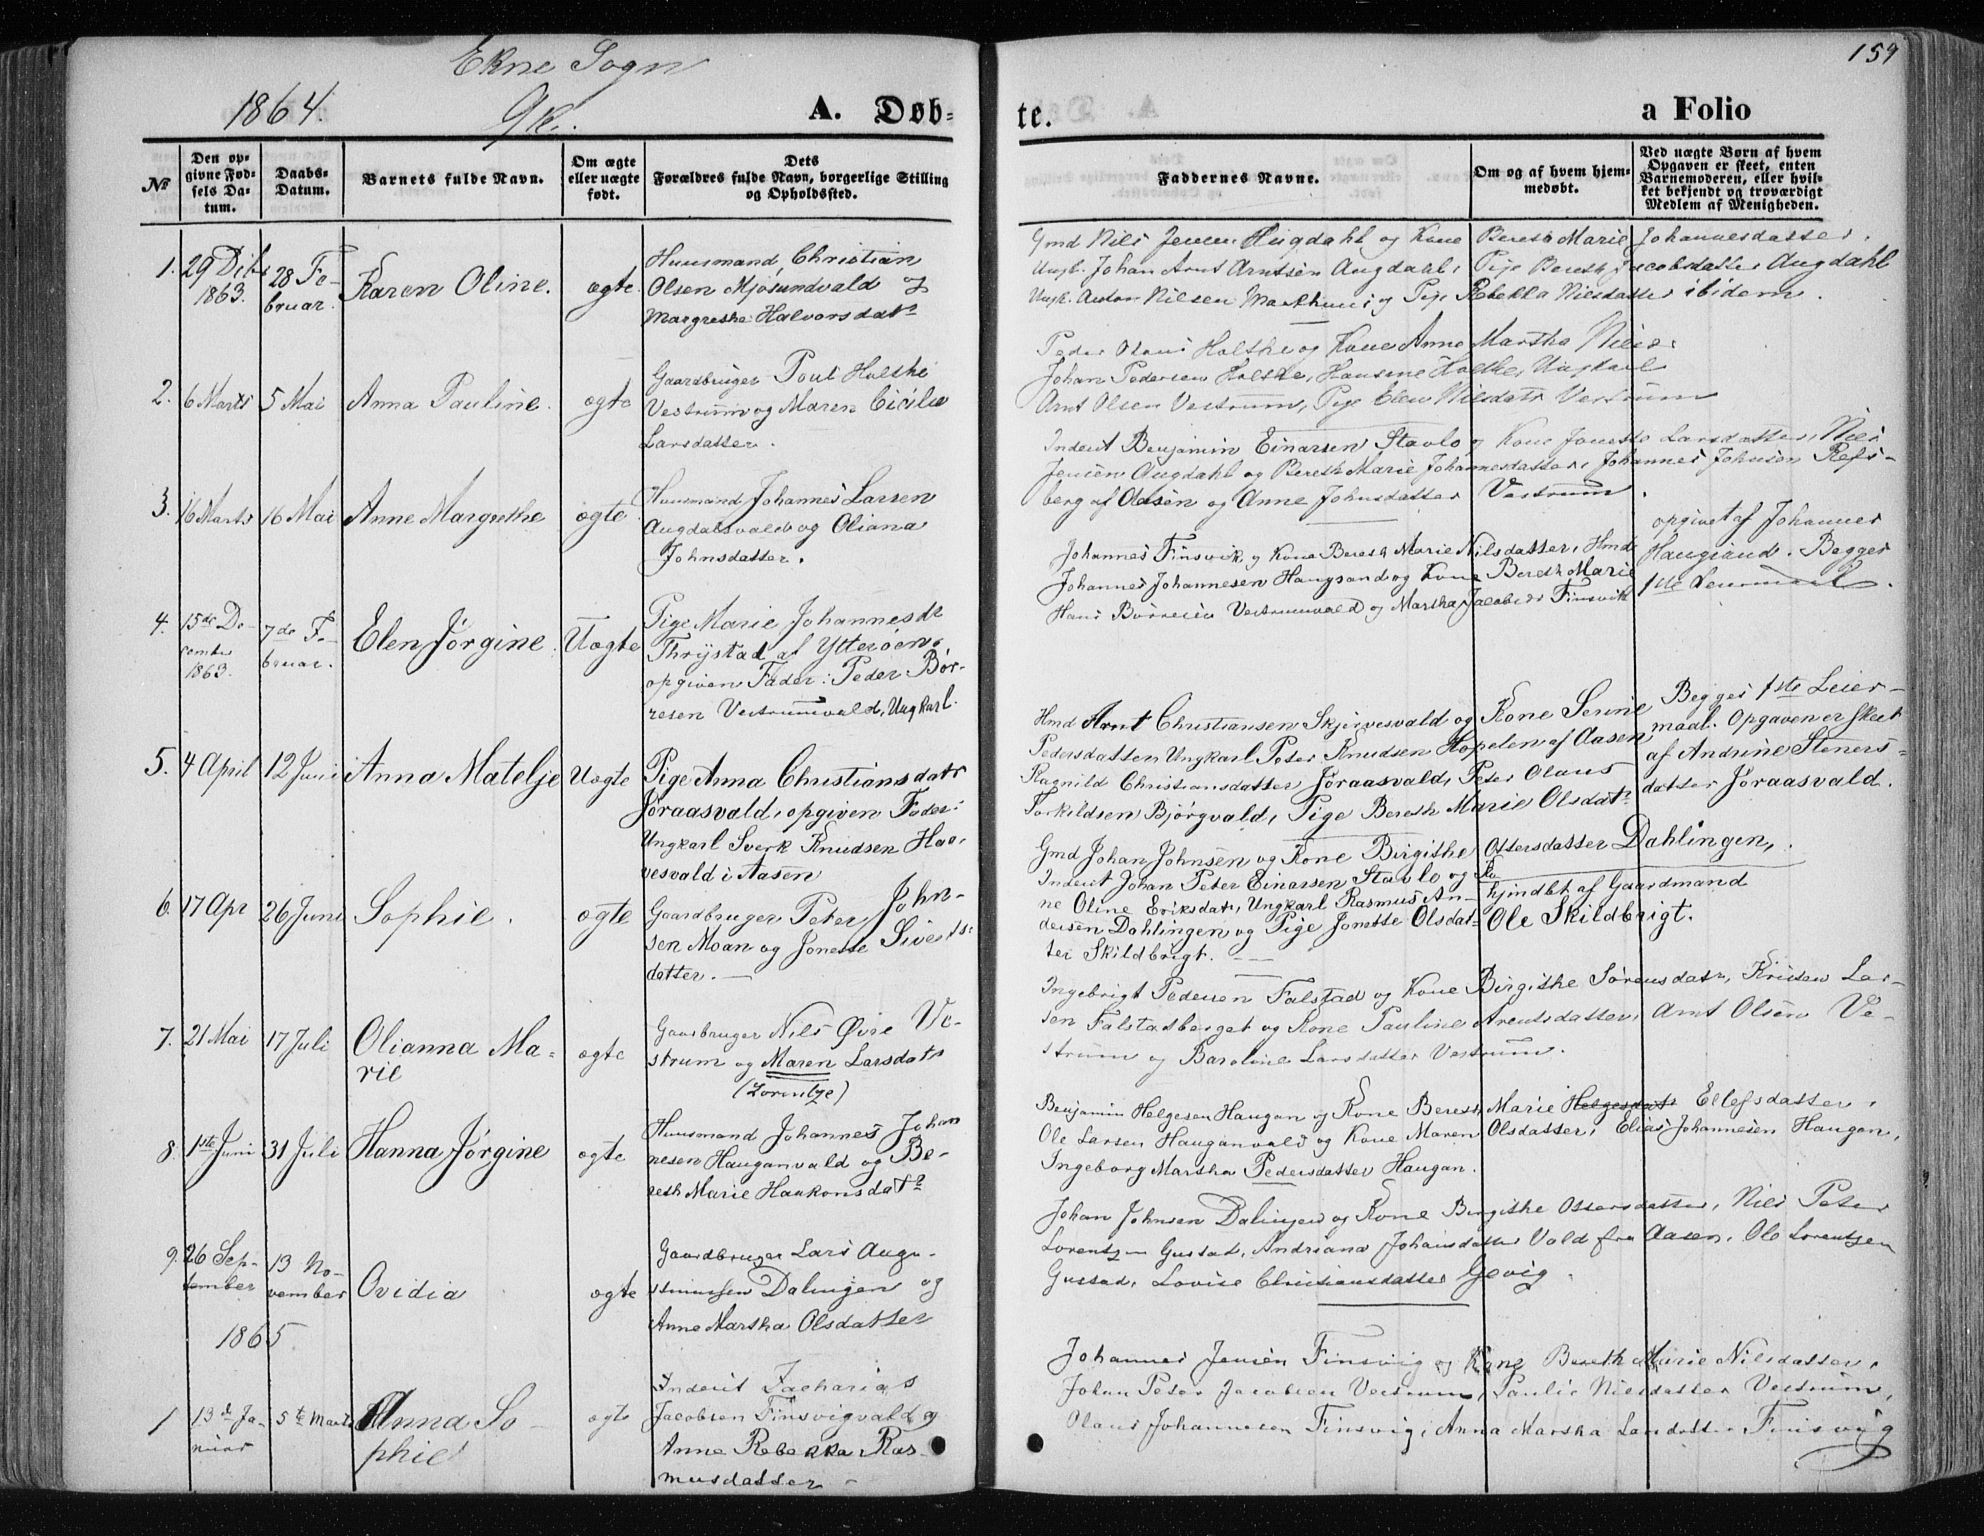 SAT, Ministerialprotokoller, klokkerbøker og fødselsregistre - Nord-Trøndelag, 717/L0158: Ministerialbok nr. 717A08 /2, 1863-1877, s. 159